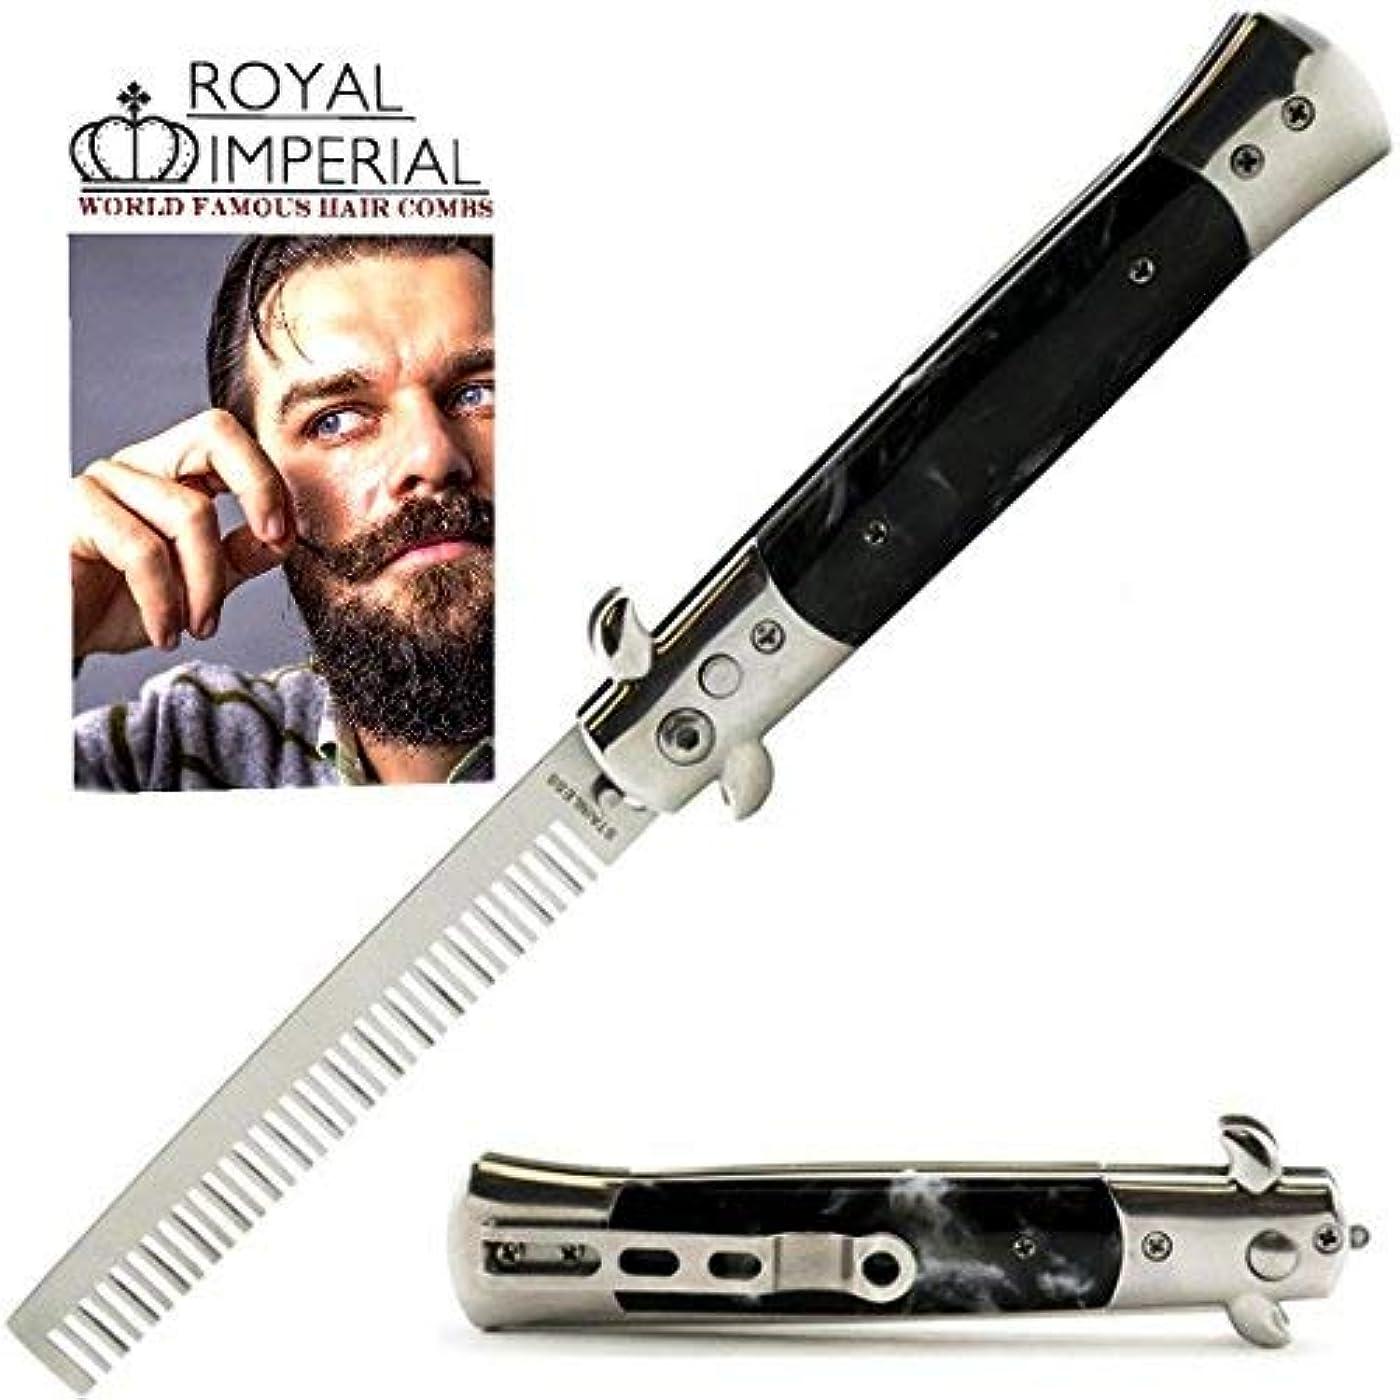 見えるフォーラム解釈するRoyal Imperial Metal Switchblade Pocket Folding Flick Hair Comb For Beard, Mustache, Head Black Pearl Handle ~...